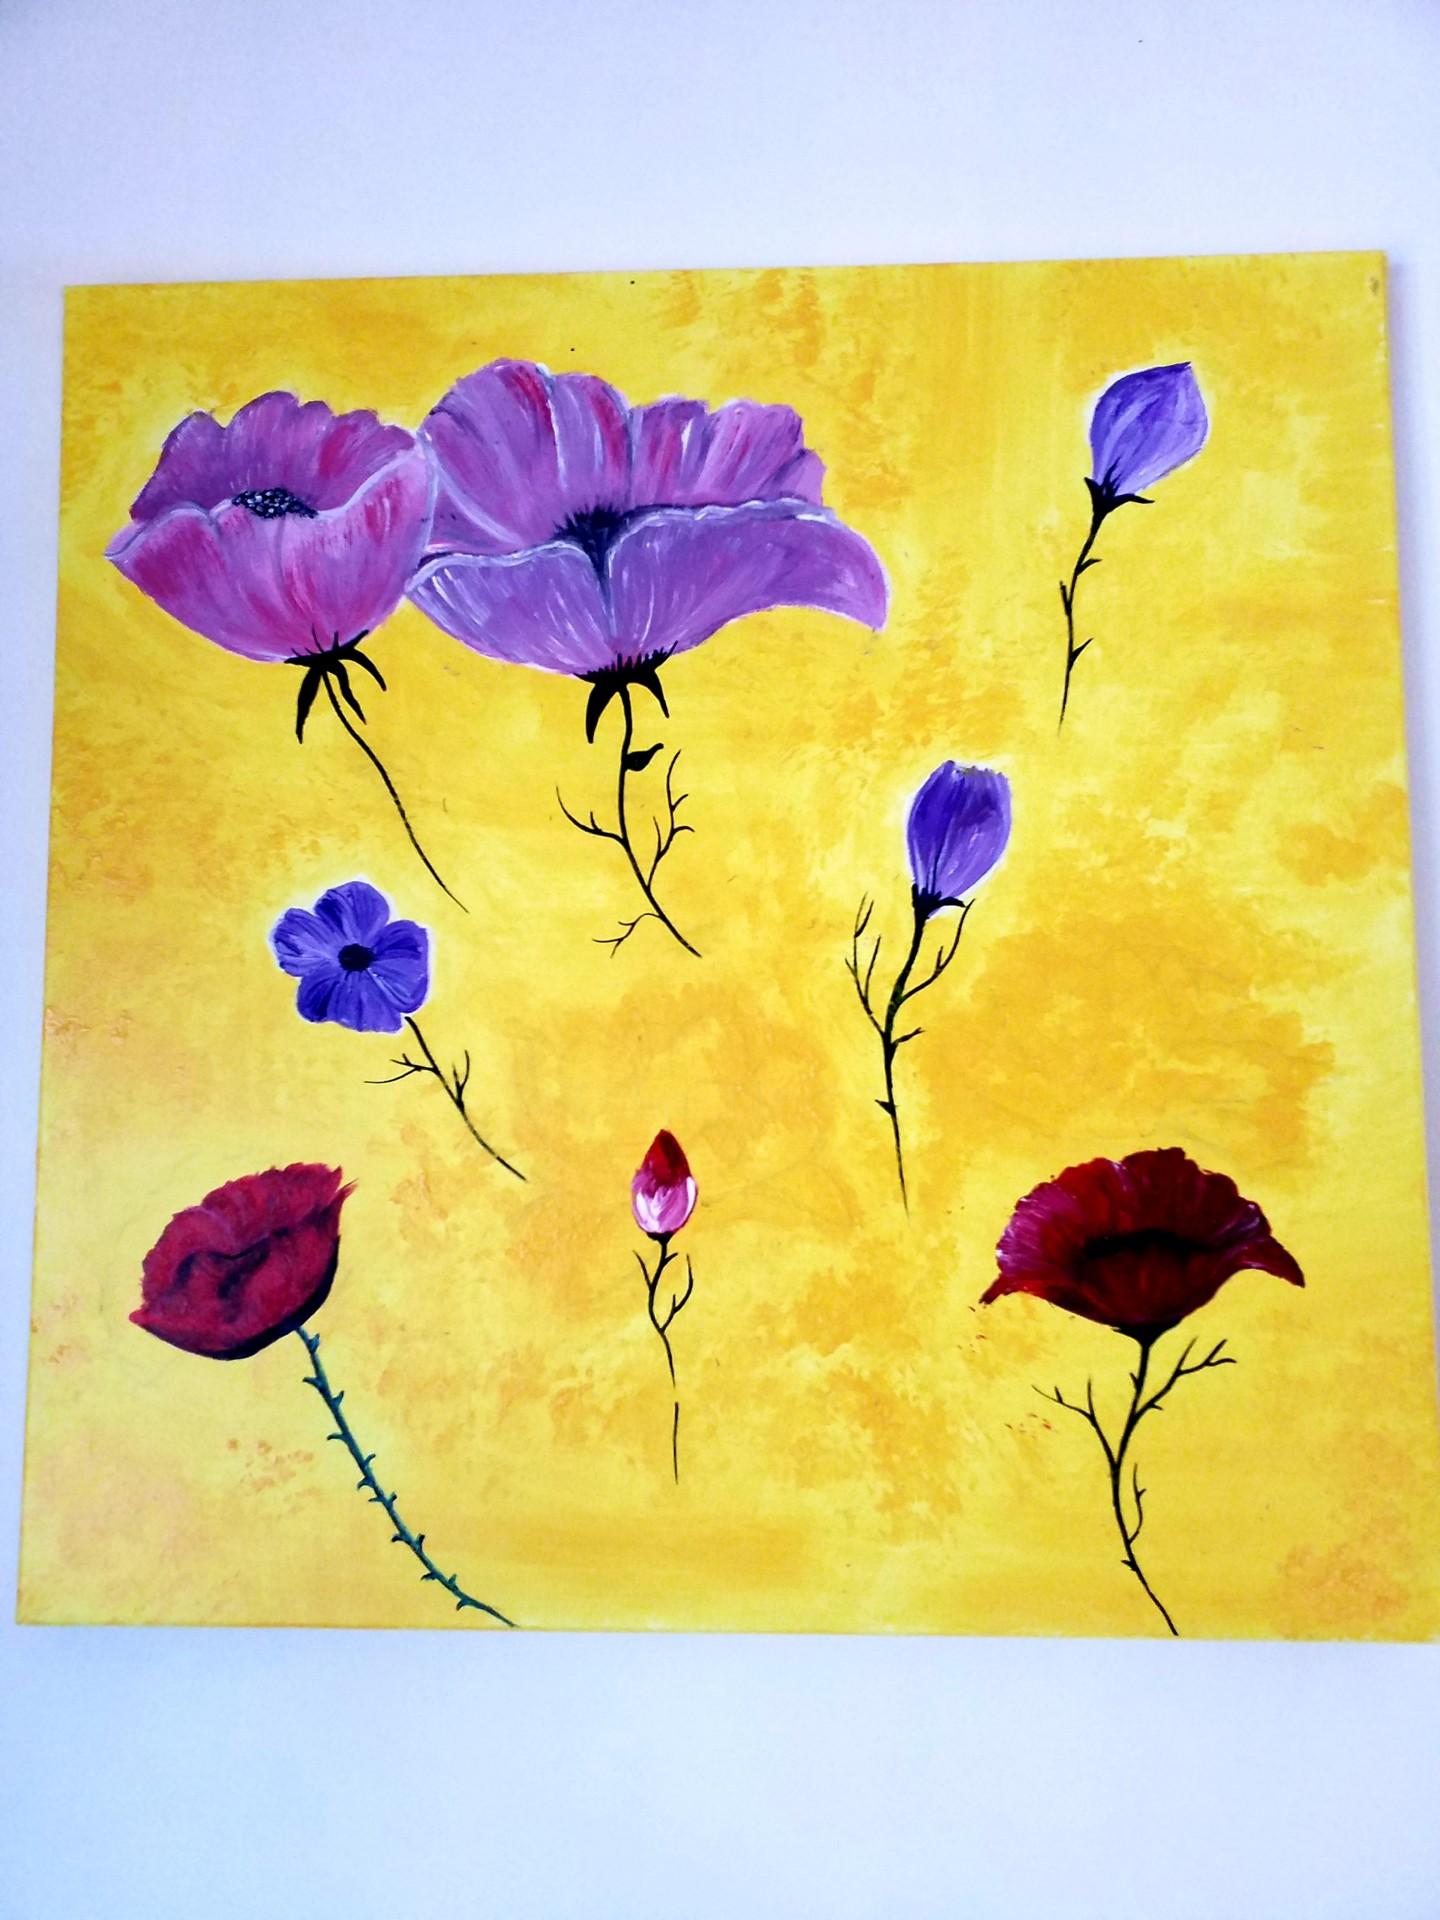 Florence Castelli  Flofloyd - Promenade dans les fleurs